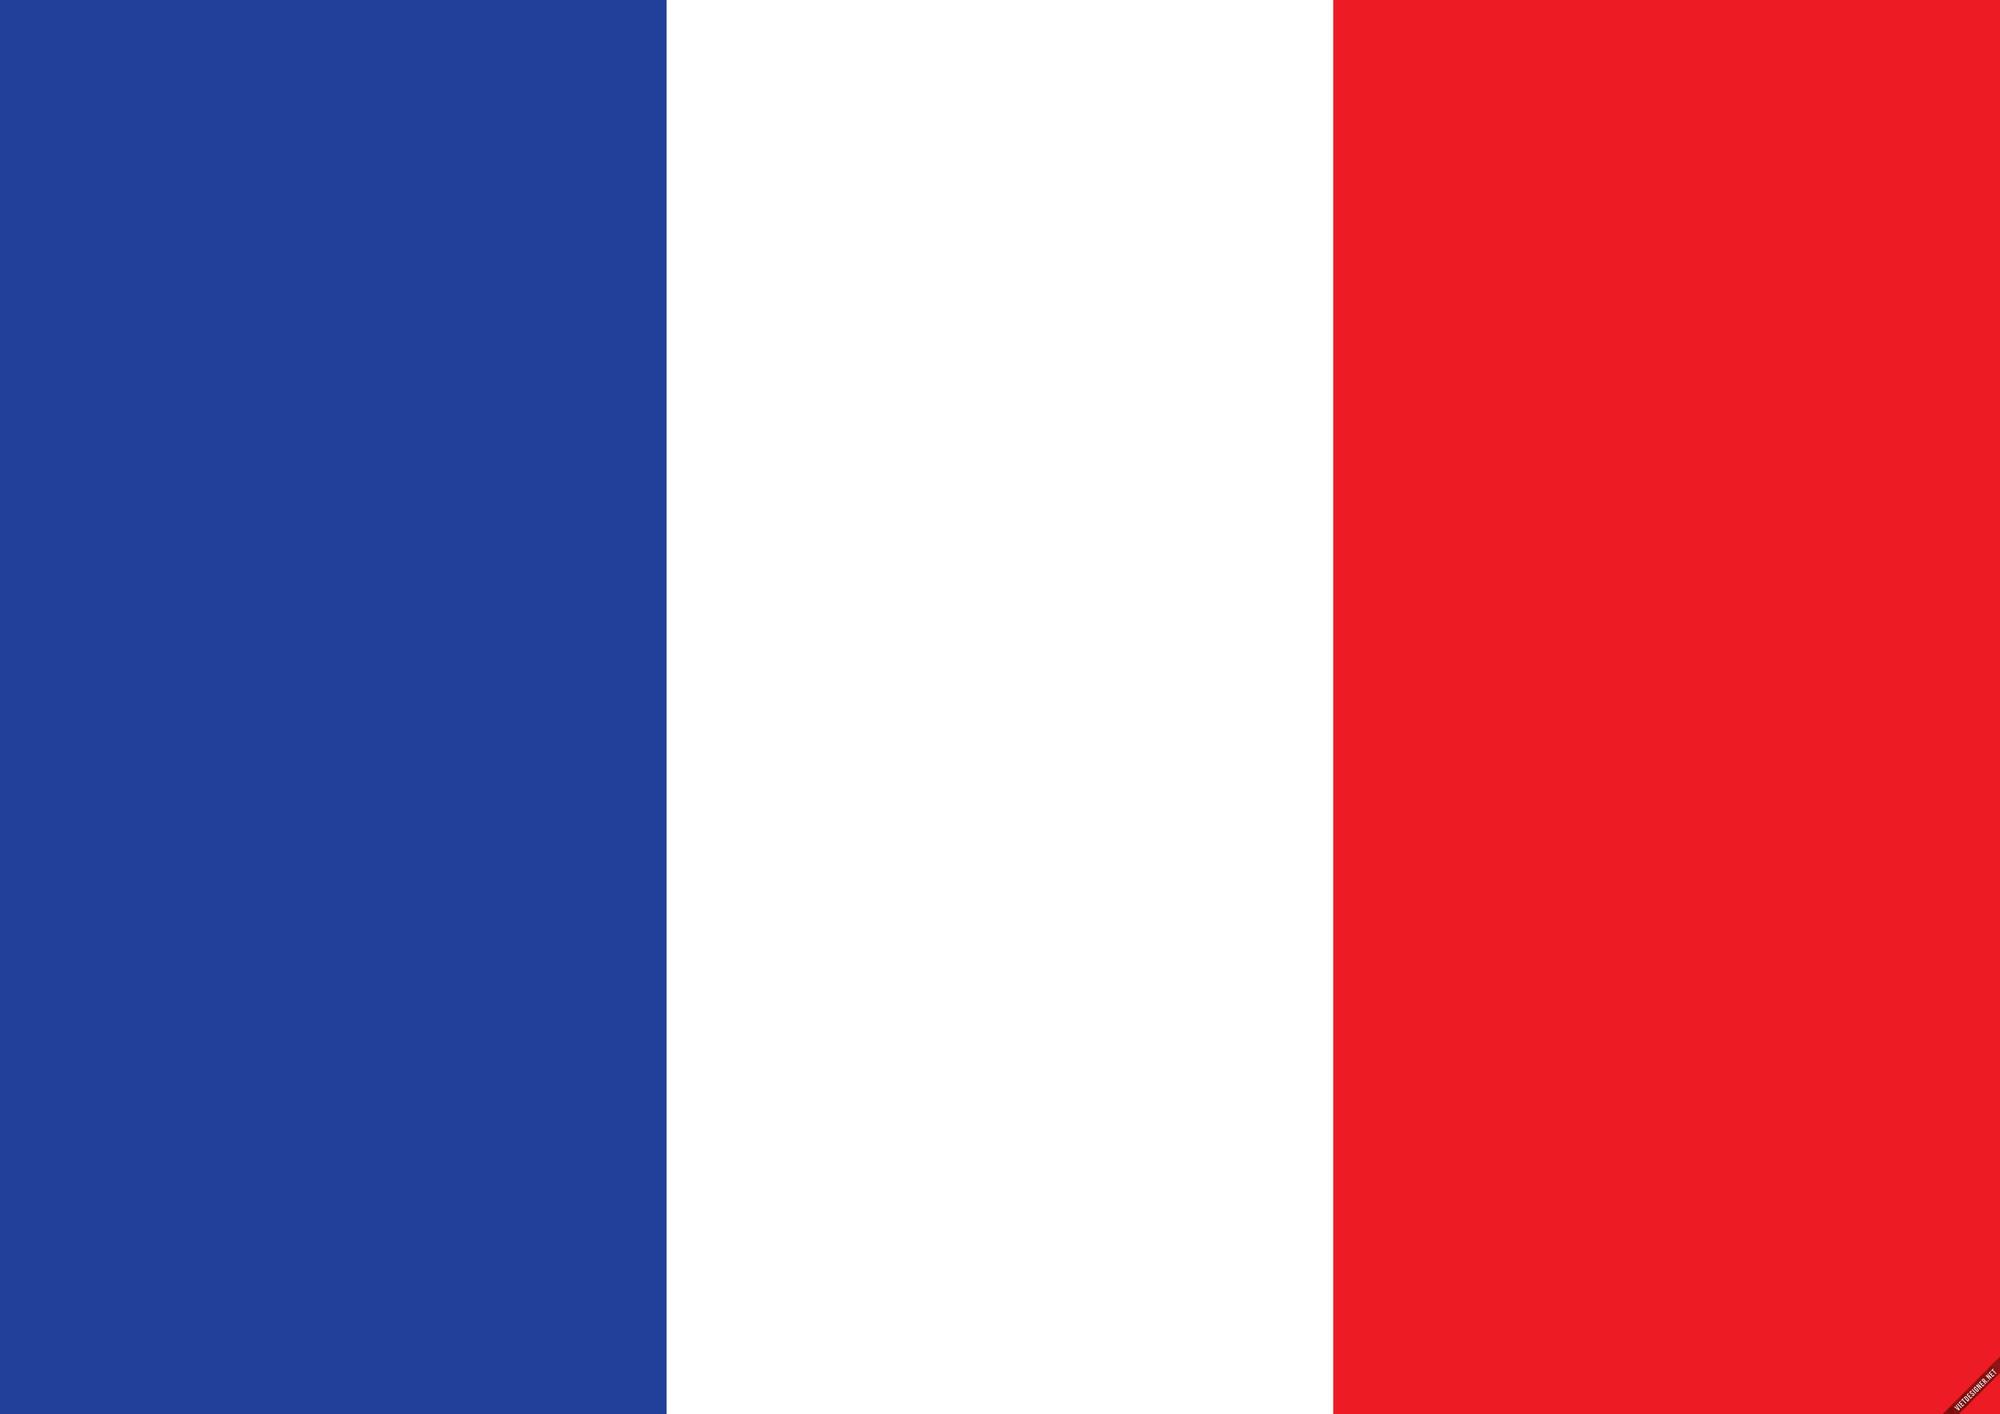 Thương vụ Việt Nam tại Pháp - Ảnh 1.